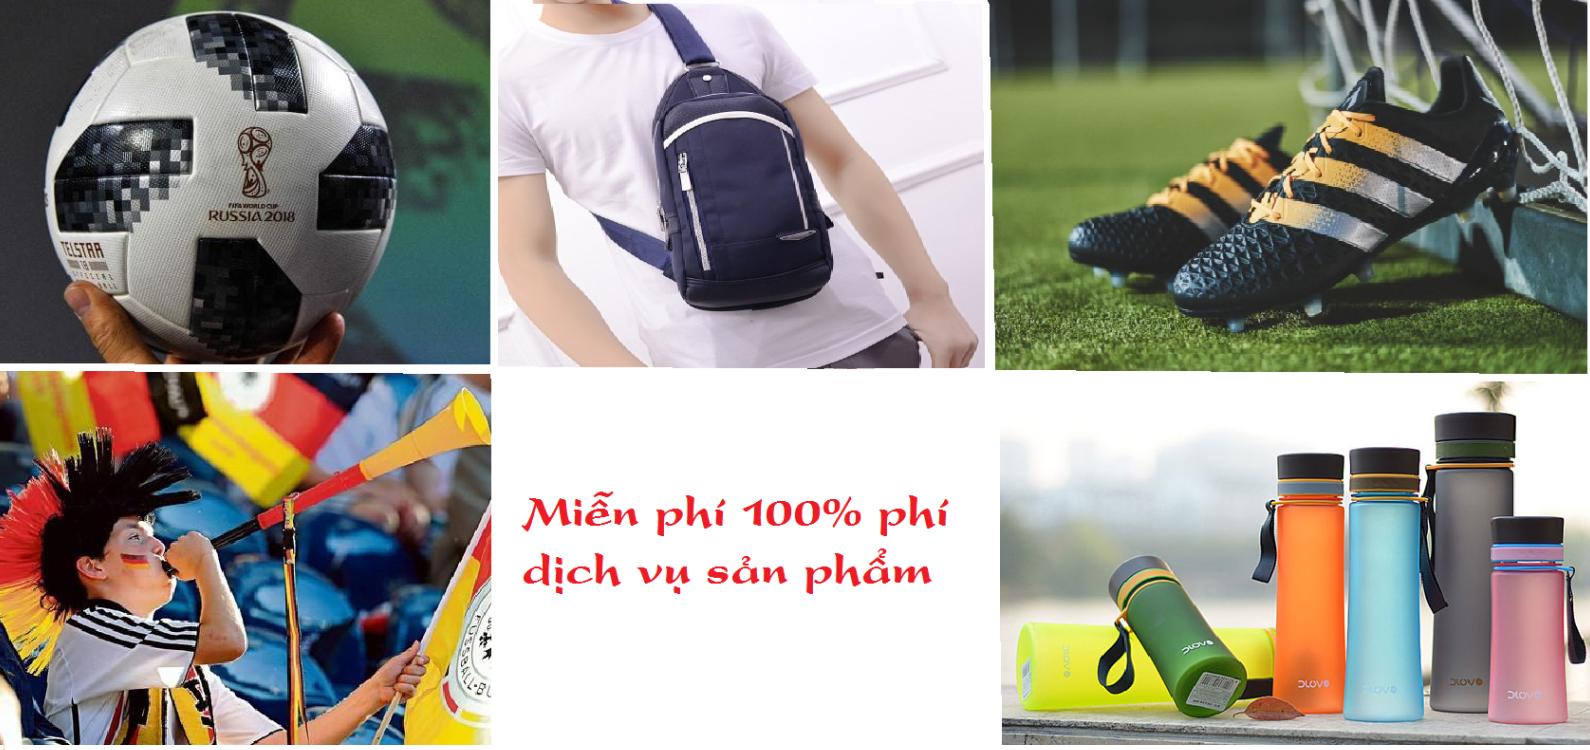 5 mặt hàng Trung Quốc bán chạy nhất thị trường Việt Nam